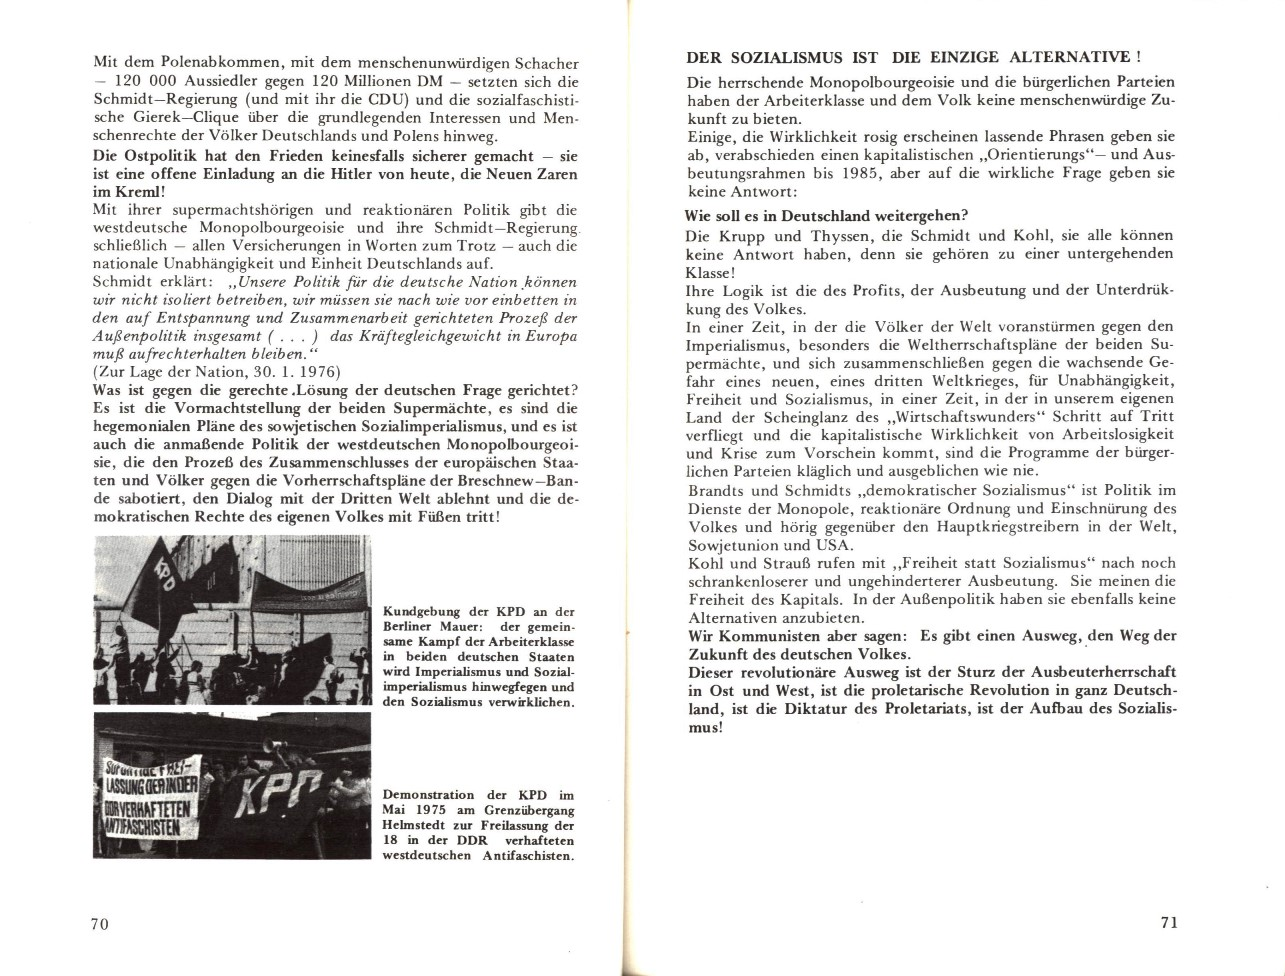 KPDAO_1976_Agitationsbroschuere_zur_BTW_37